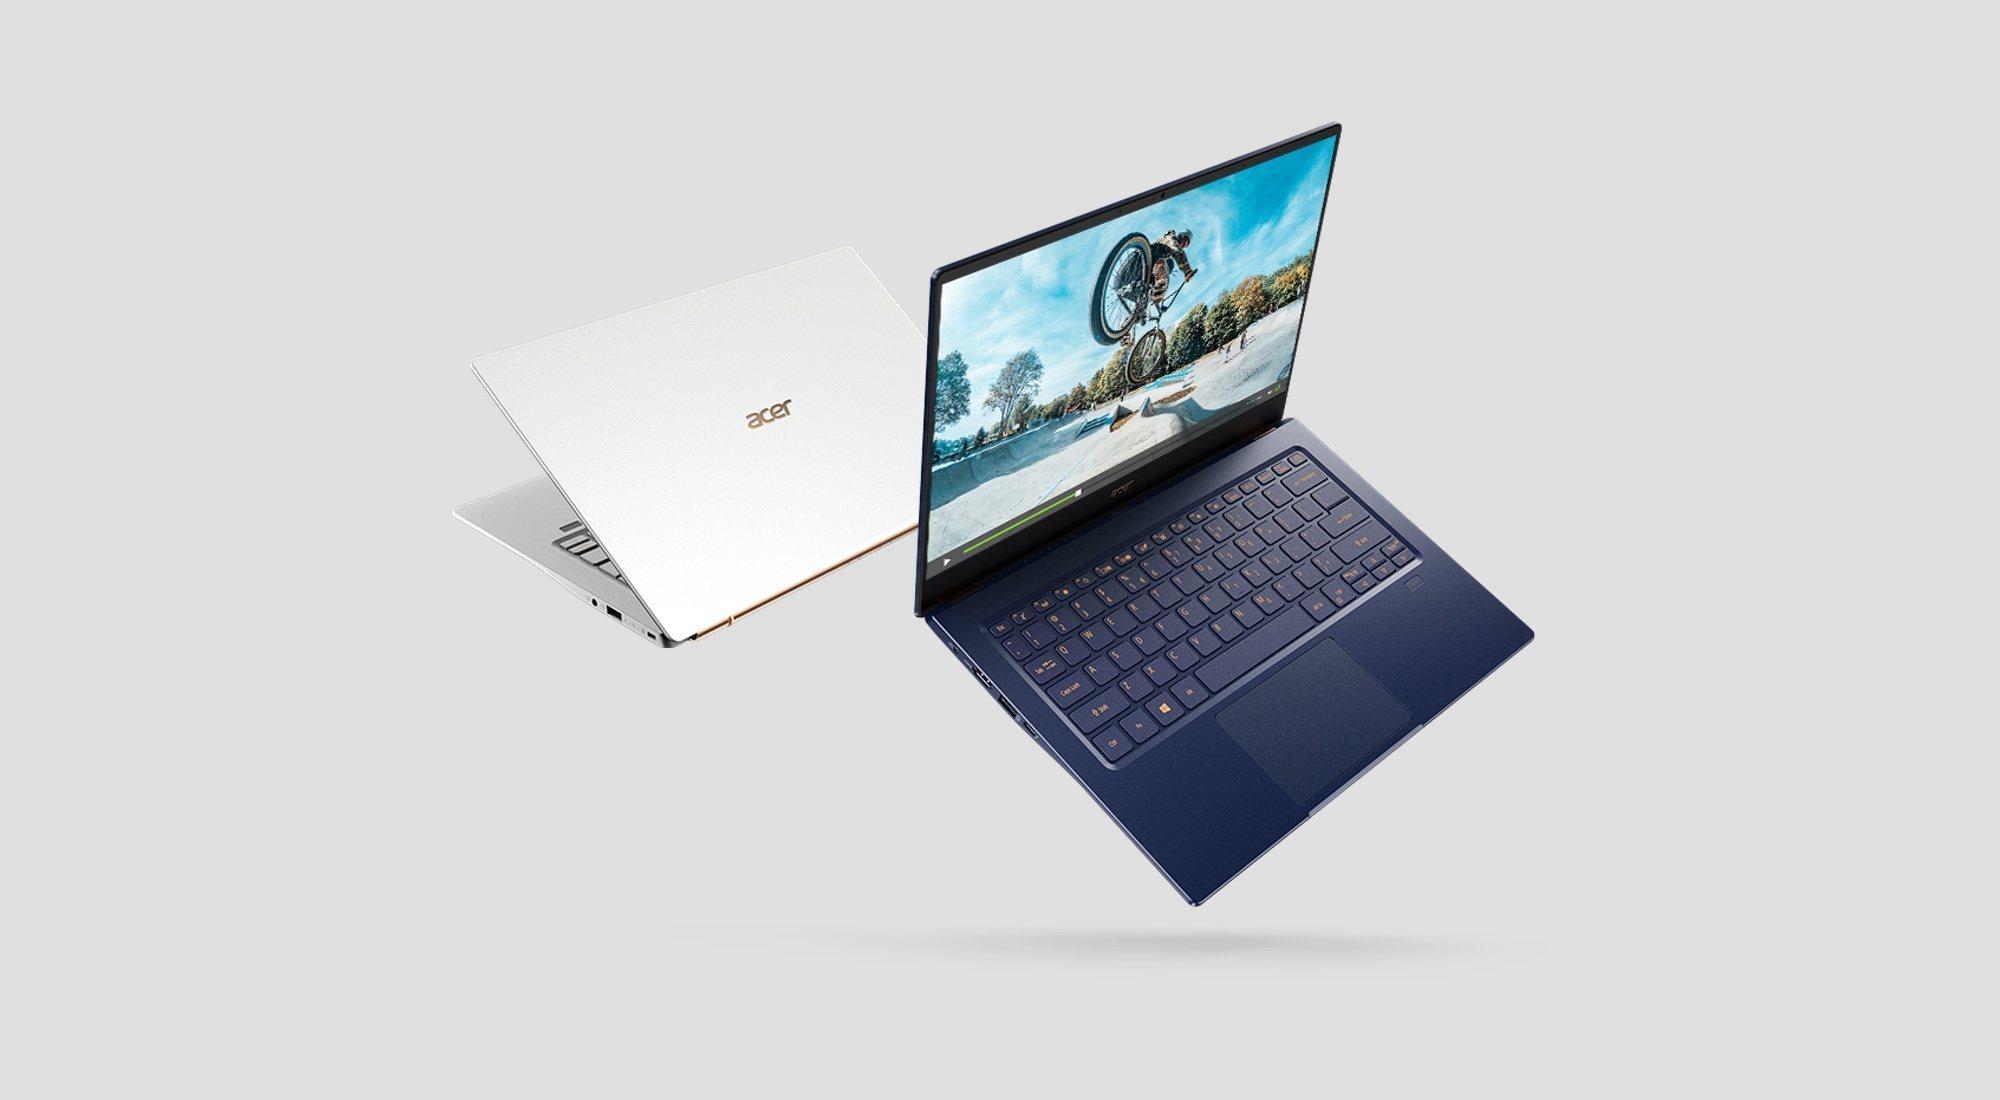 Acer Swift 5, Acer Swift 3 y Acer Aspire C: características, precio y ficha técnica